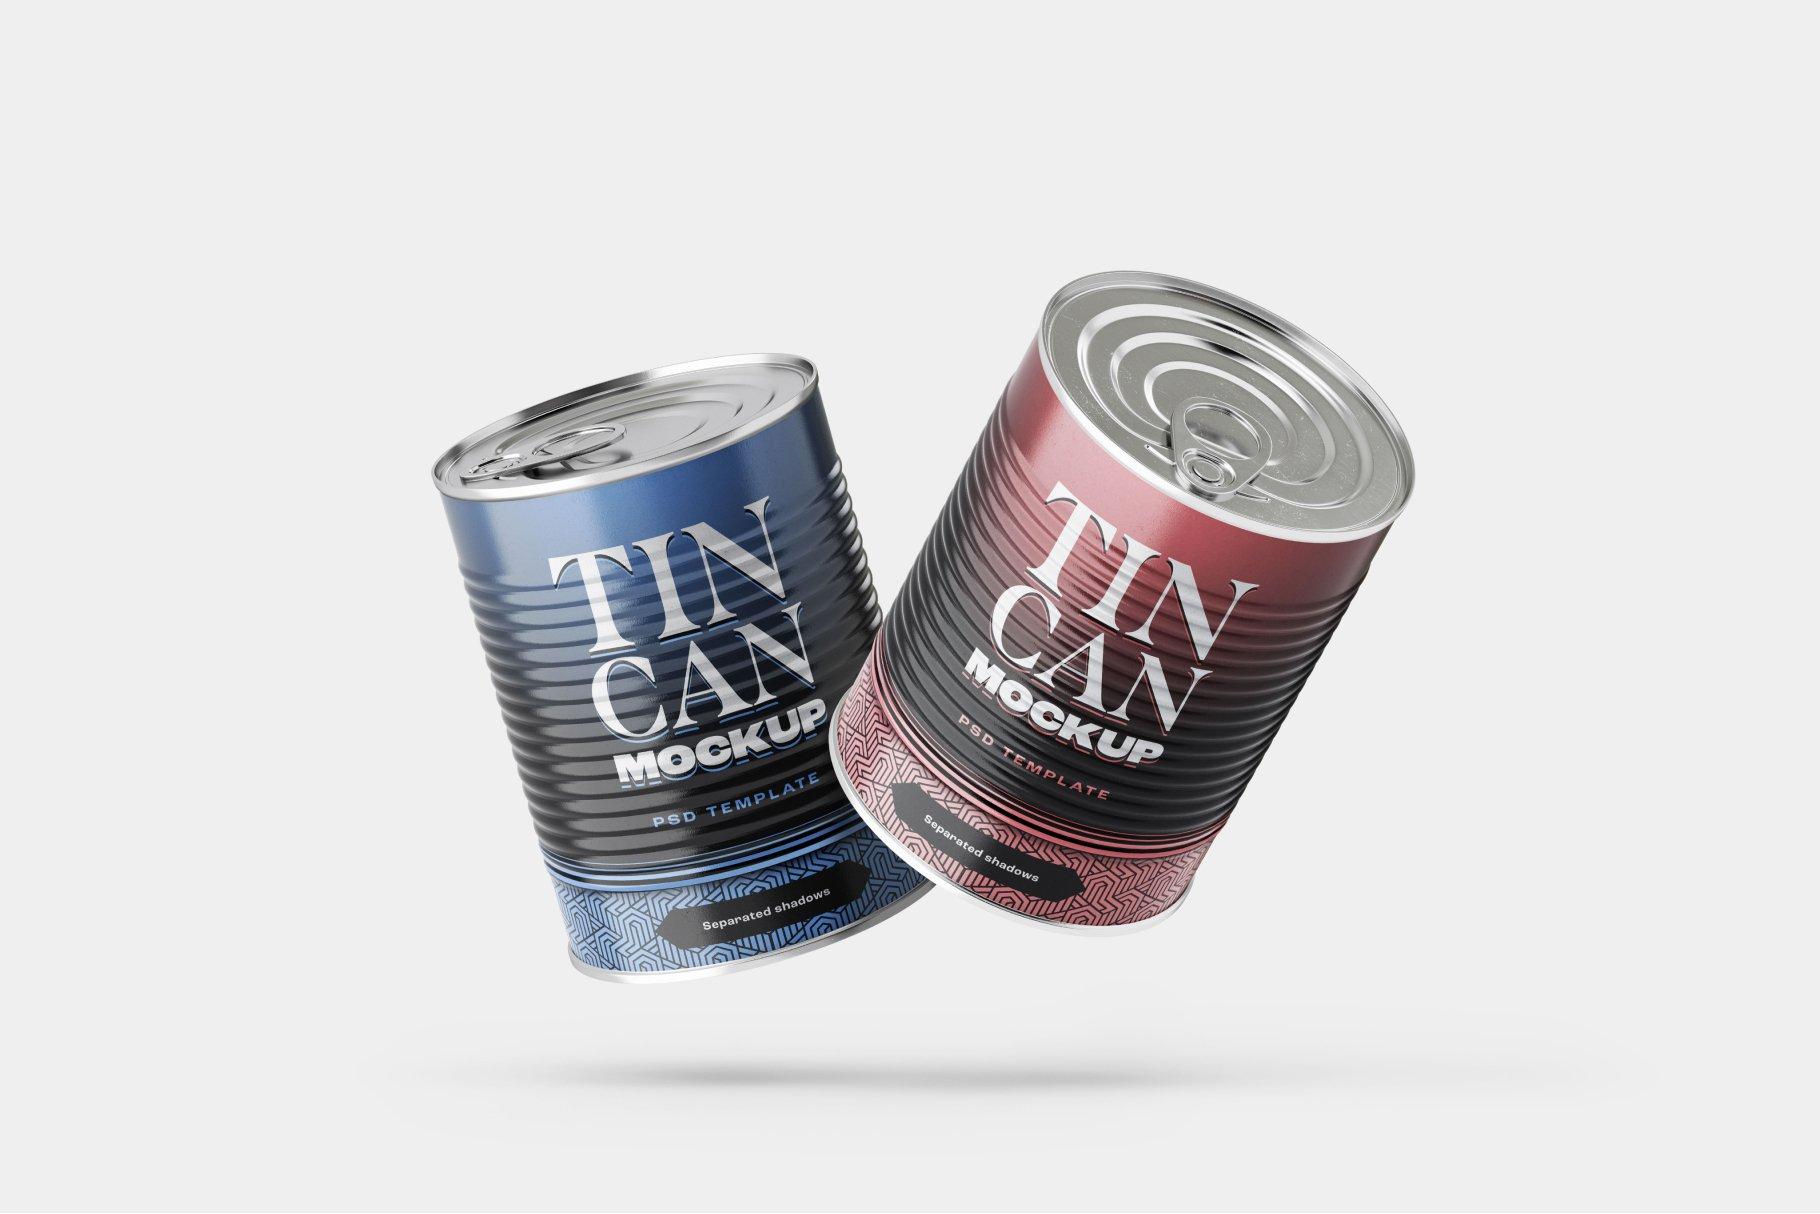 9款食品罐头金属锡罐包装样机模板素材合集 Tin Can Mockup Set | Conserve插图7